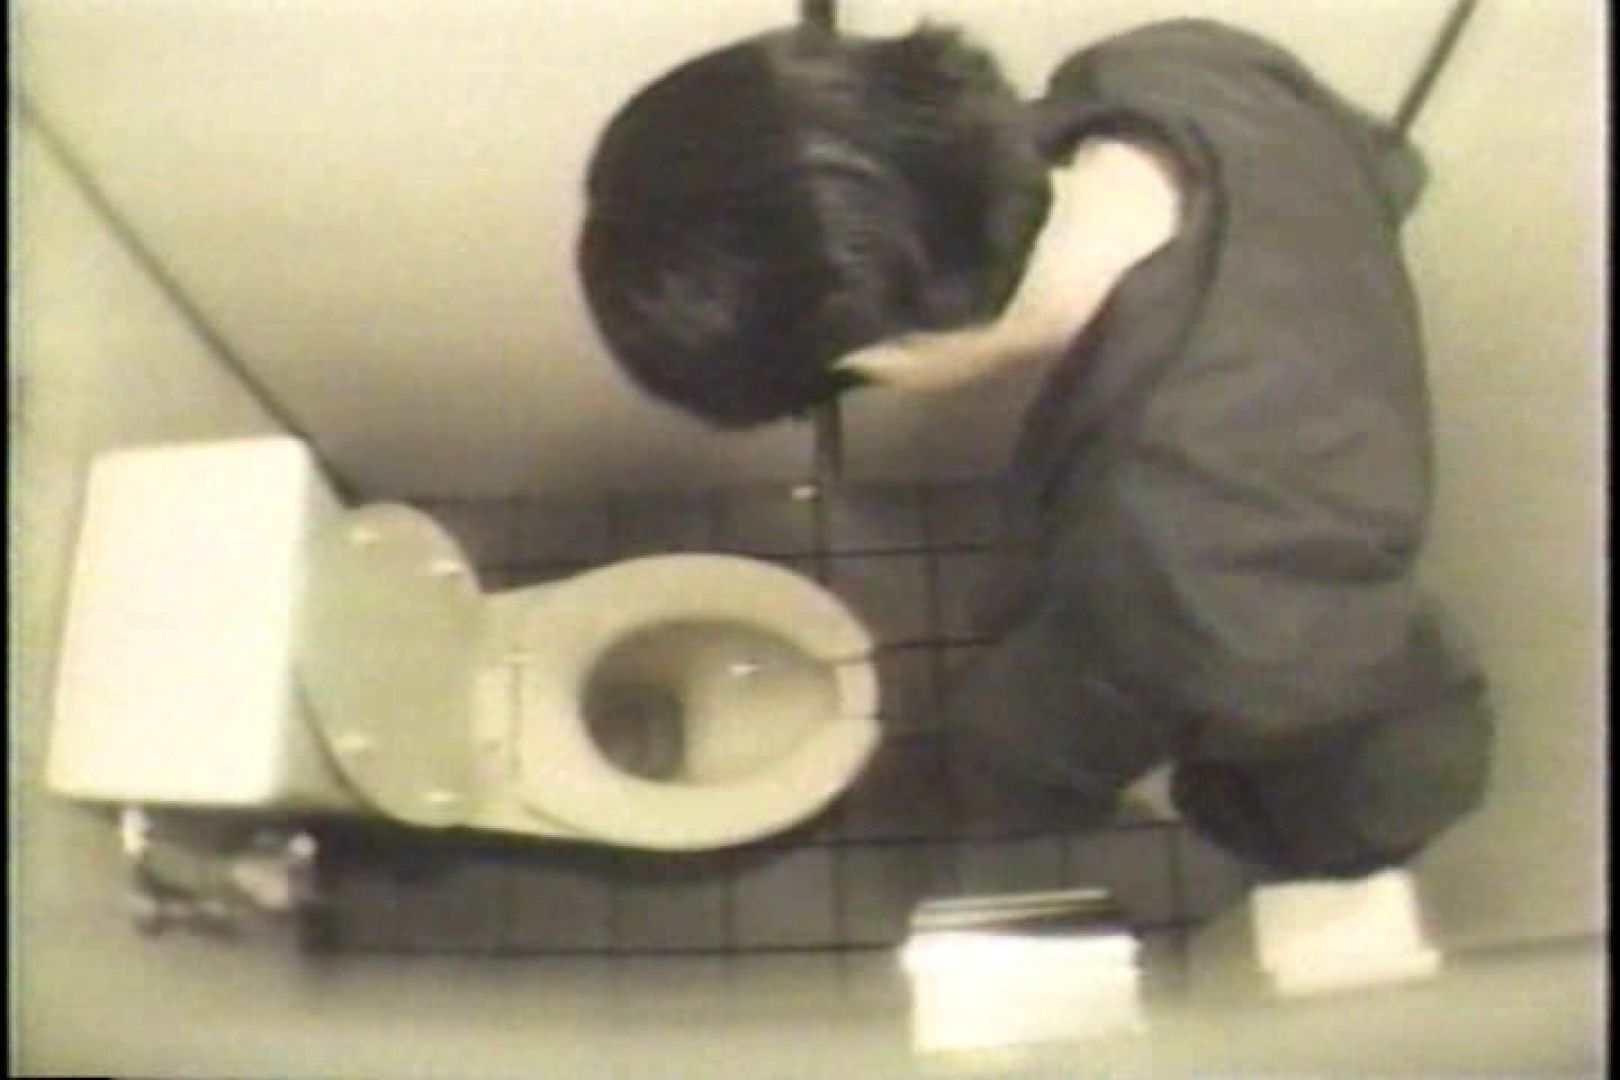 盗撮 女子洗面所3ヶ所入ってしゃがんで音出して プライベート   和式  109連発 13